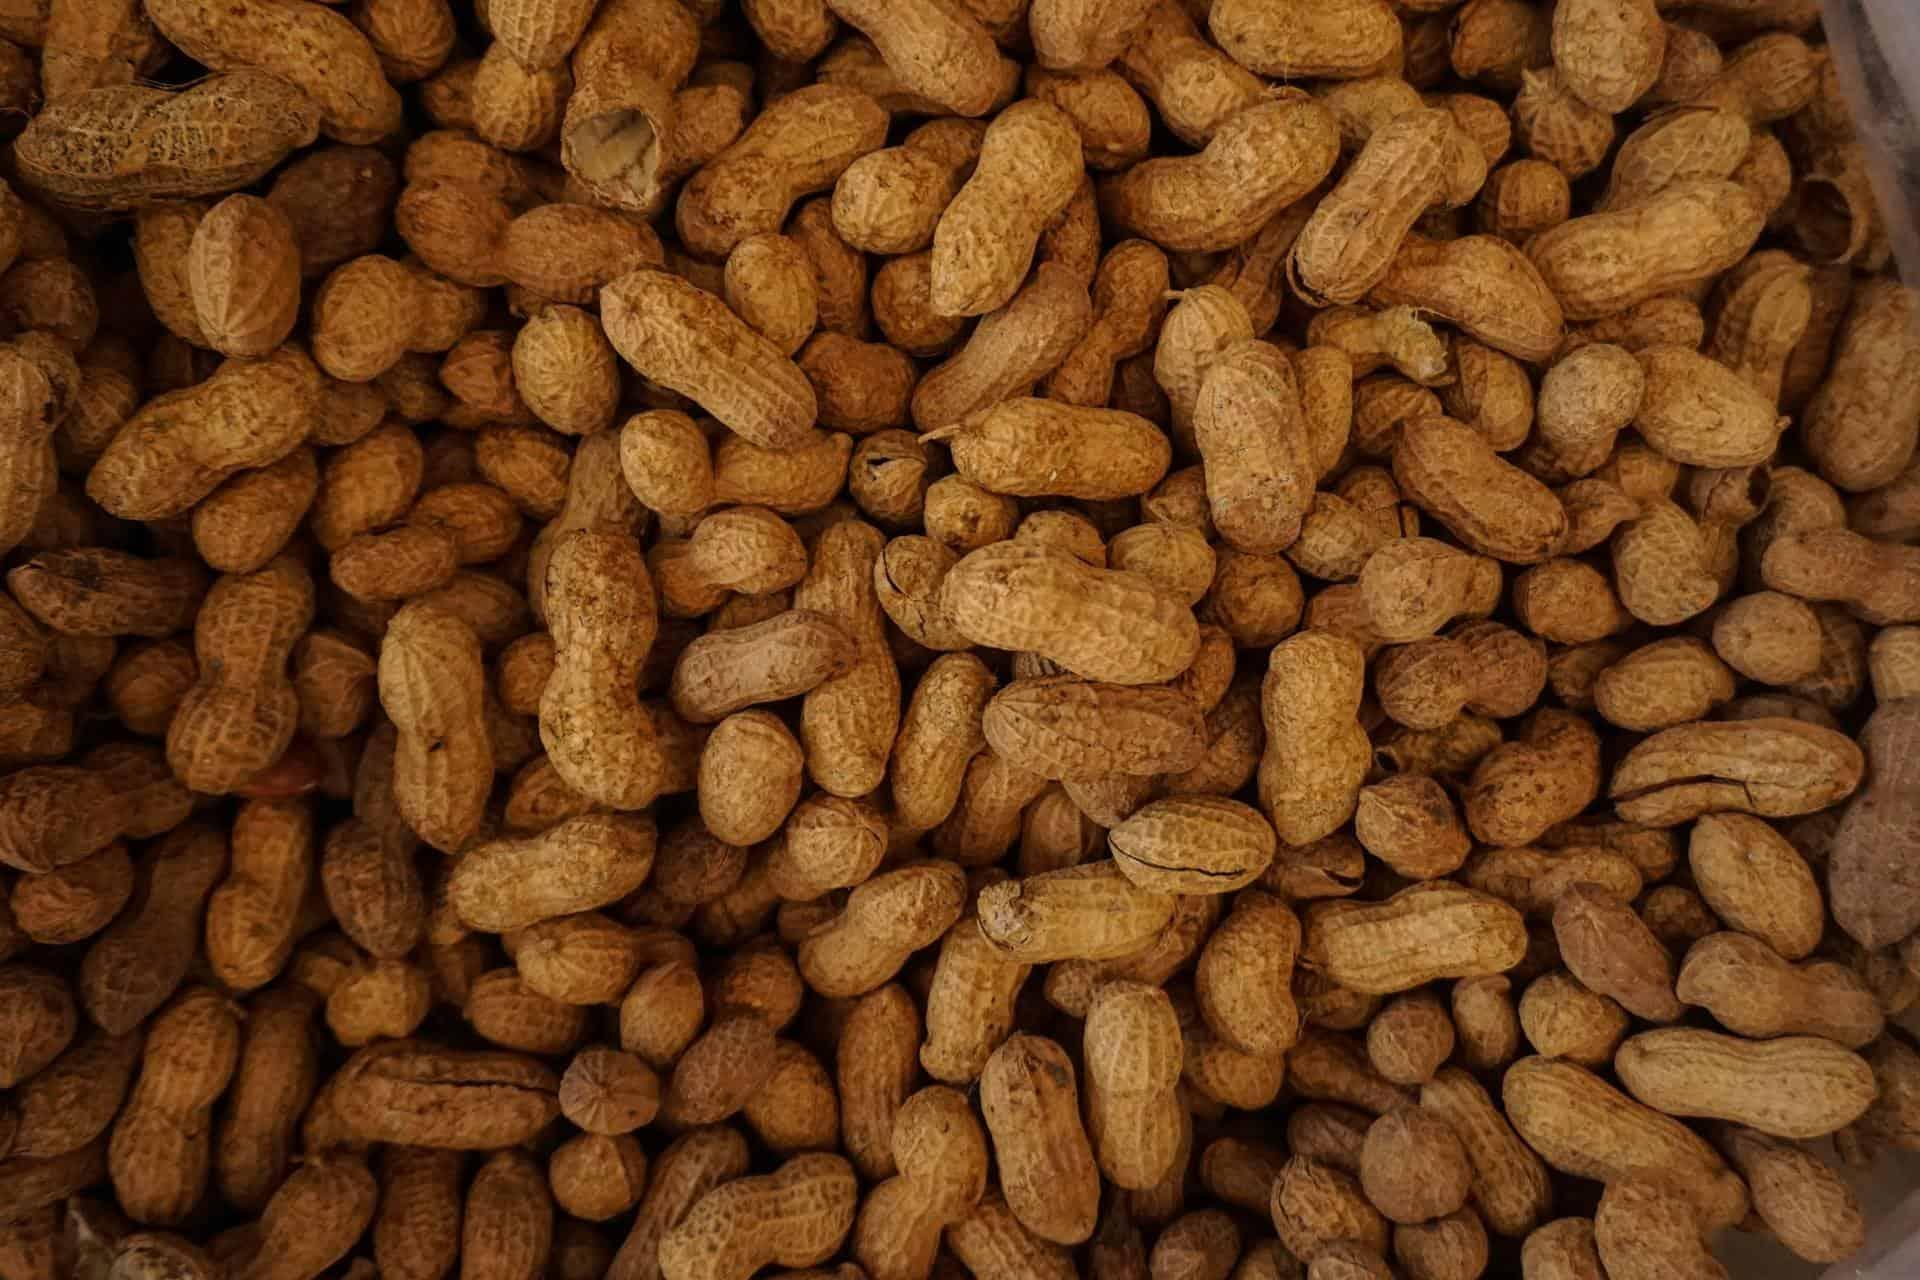 Introducing Allergenic Foods